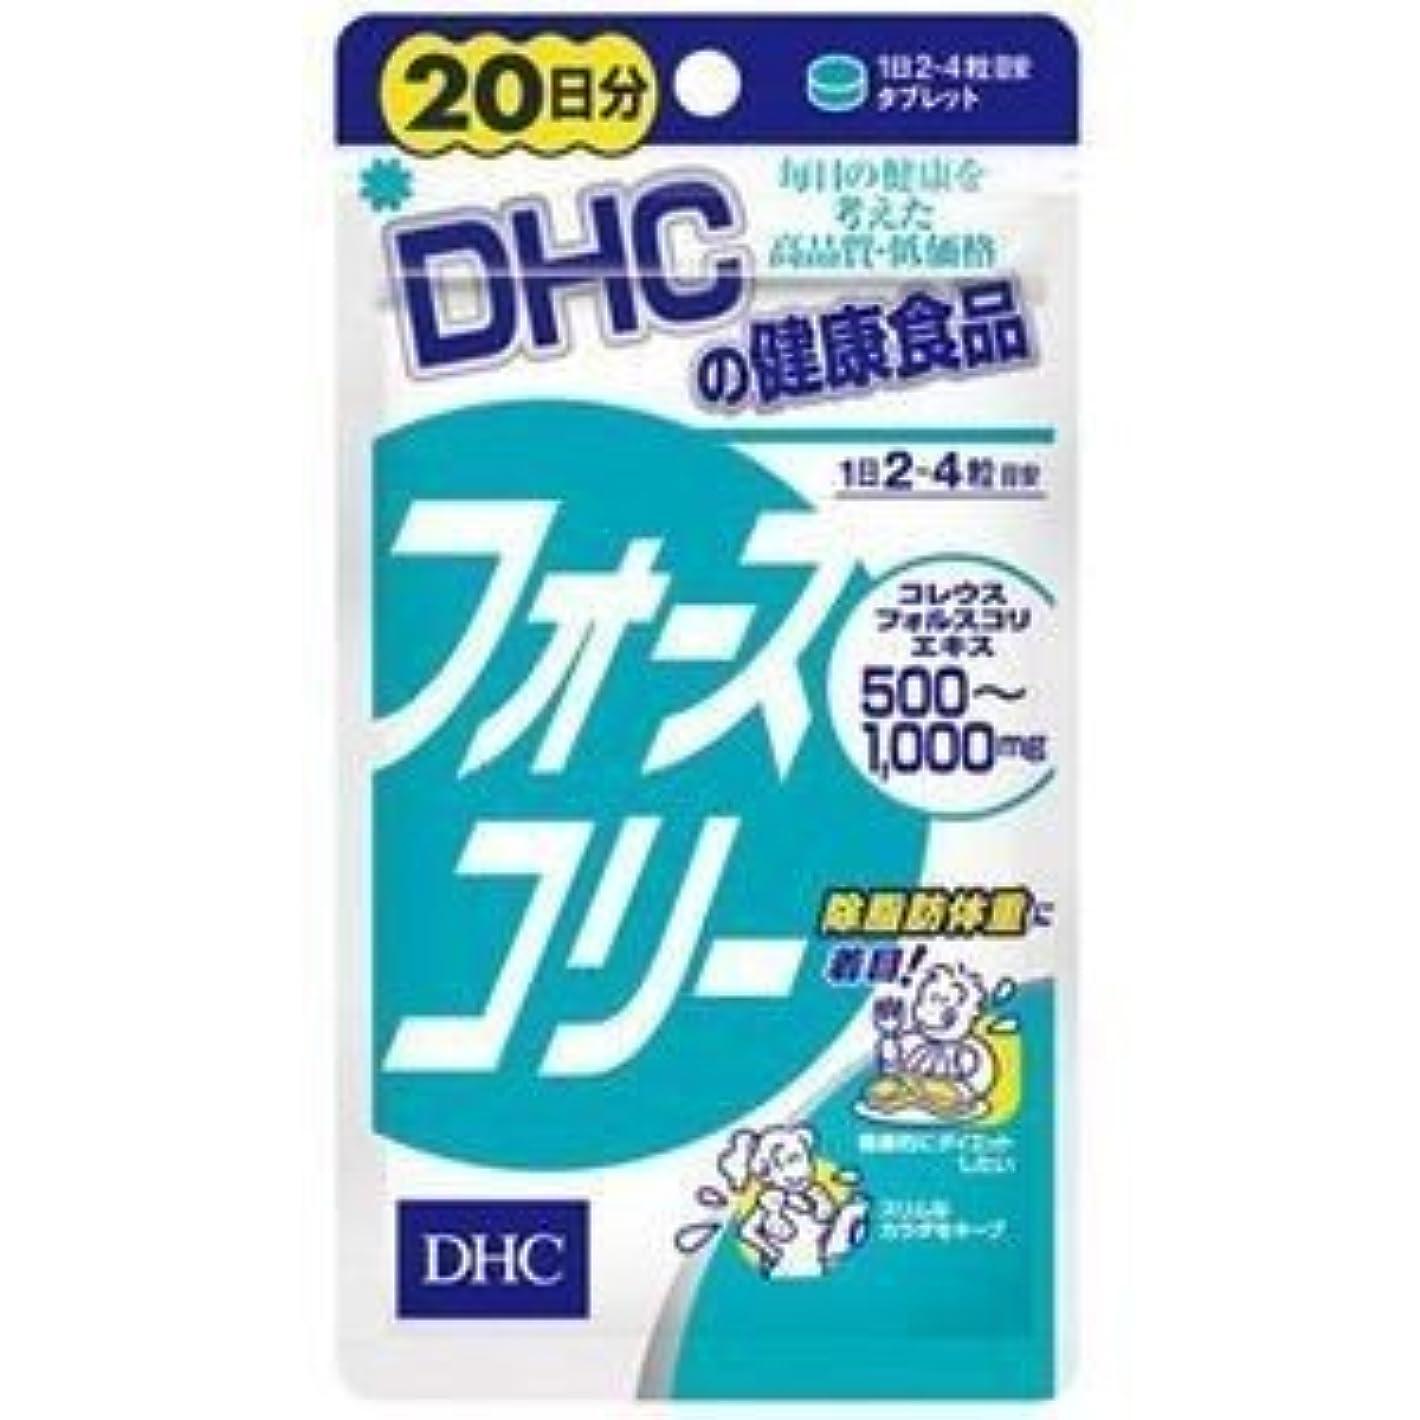 軌道記念品単調なDHC フォースコリー 20日分 80粒